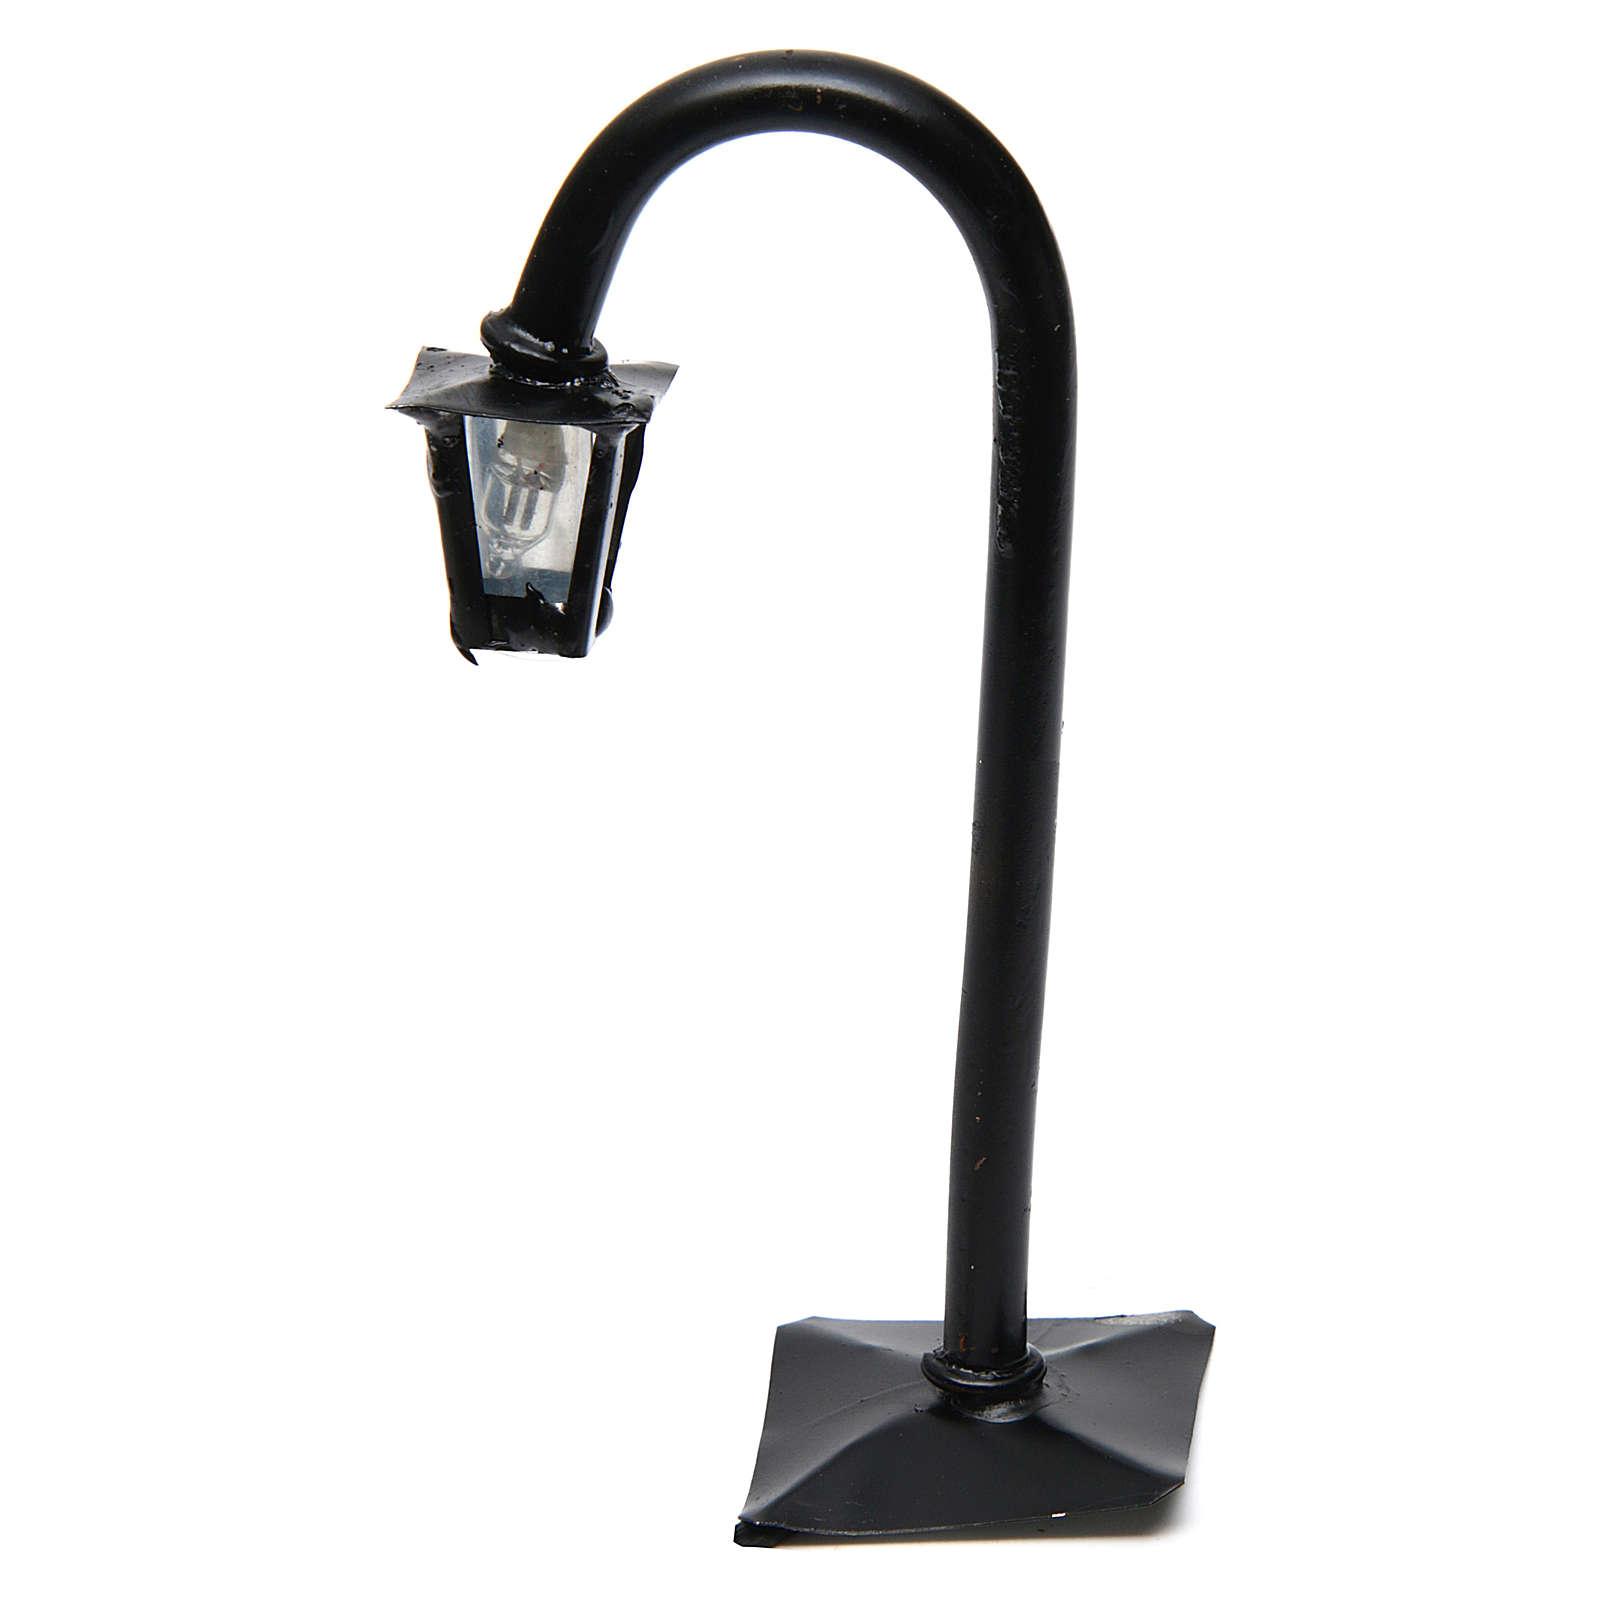 Lampione da strada curvo con lanterna h reale 11 cm - 12V 4